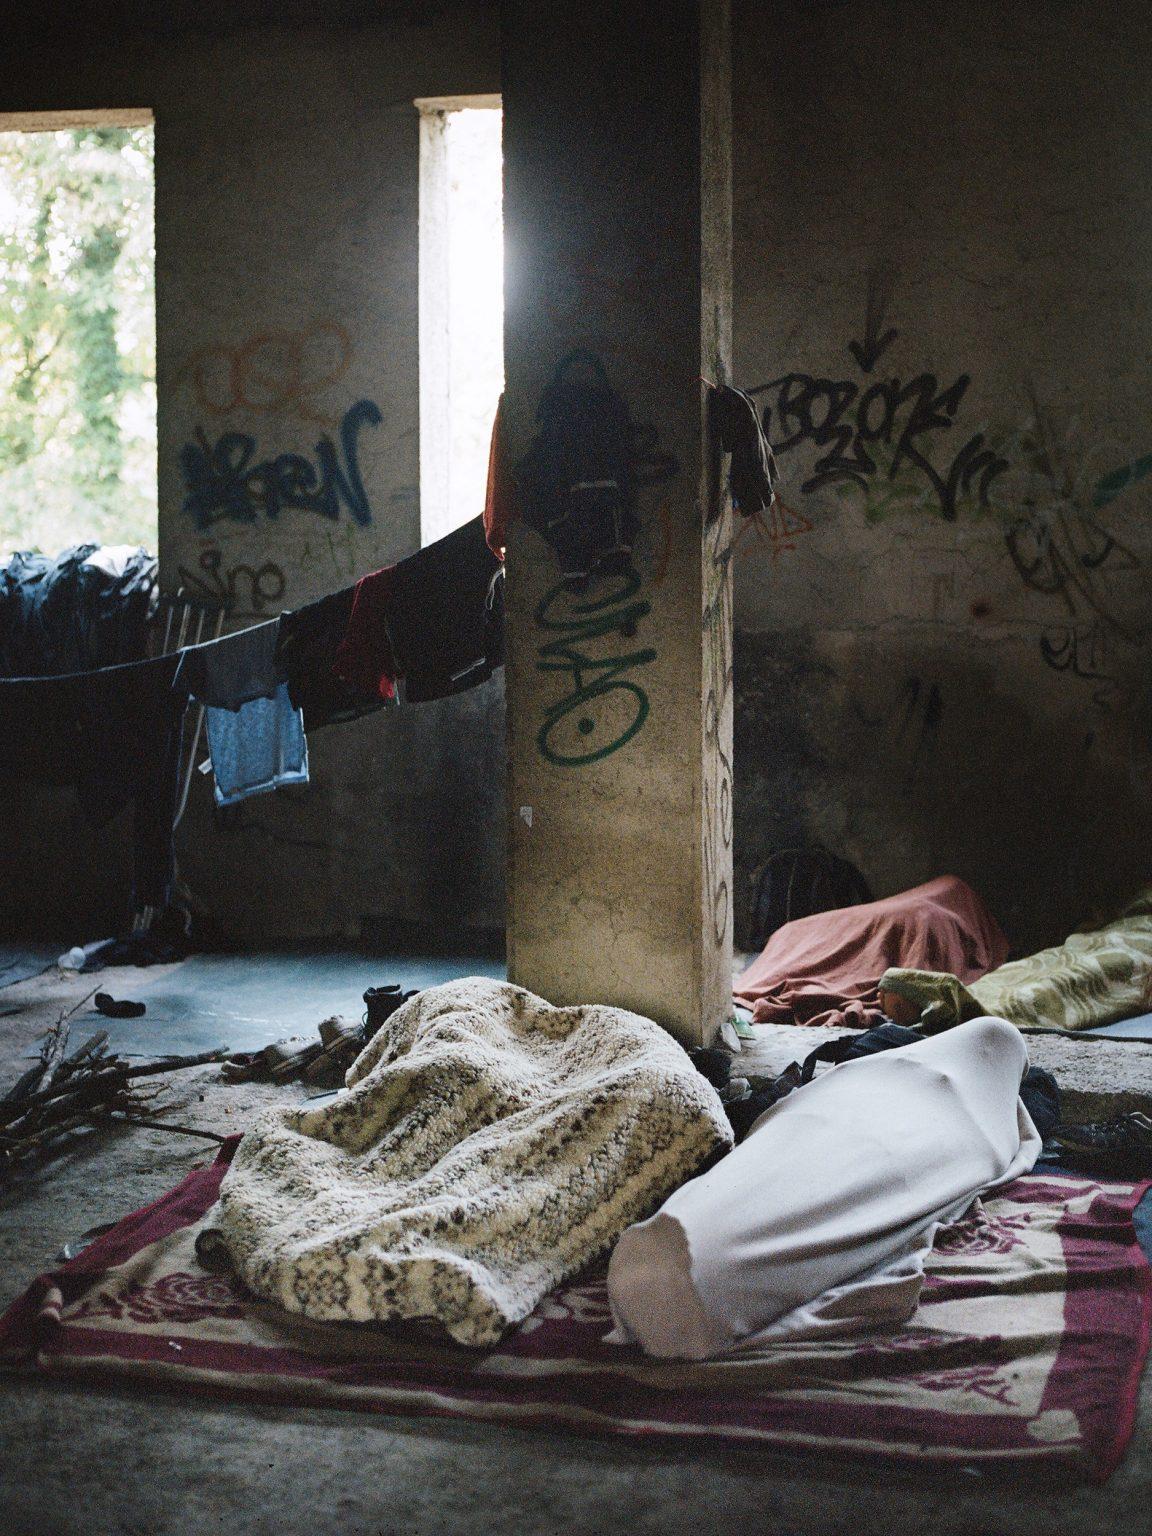 Bihac, Bosnia-Erzegovina. 22 agosto 2018. Alcuni rifugiati dormono in un edificio abbandonato della città. Bihac è divenuta una dei principali punti di passaggio della nuova rotta balcanica, percorsa dai rifugiatio che tentano di entrare in Croazia ed Europa. La popolazione locale non vede di buon occhio l'arrivo di migliaia di rifugiati nella loro piccola città di confine.  Bihac, Bosnia and Herzegovina. August 22, 2018. Some refugees sleep in an abandoned building in the city. Bihac has become one of the main crossing points of the new Balkan route, traveled by refugees trying to enter Croatia and Europe. The local population is frowning upon the arrival of thousands of refugees in their small border town.